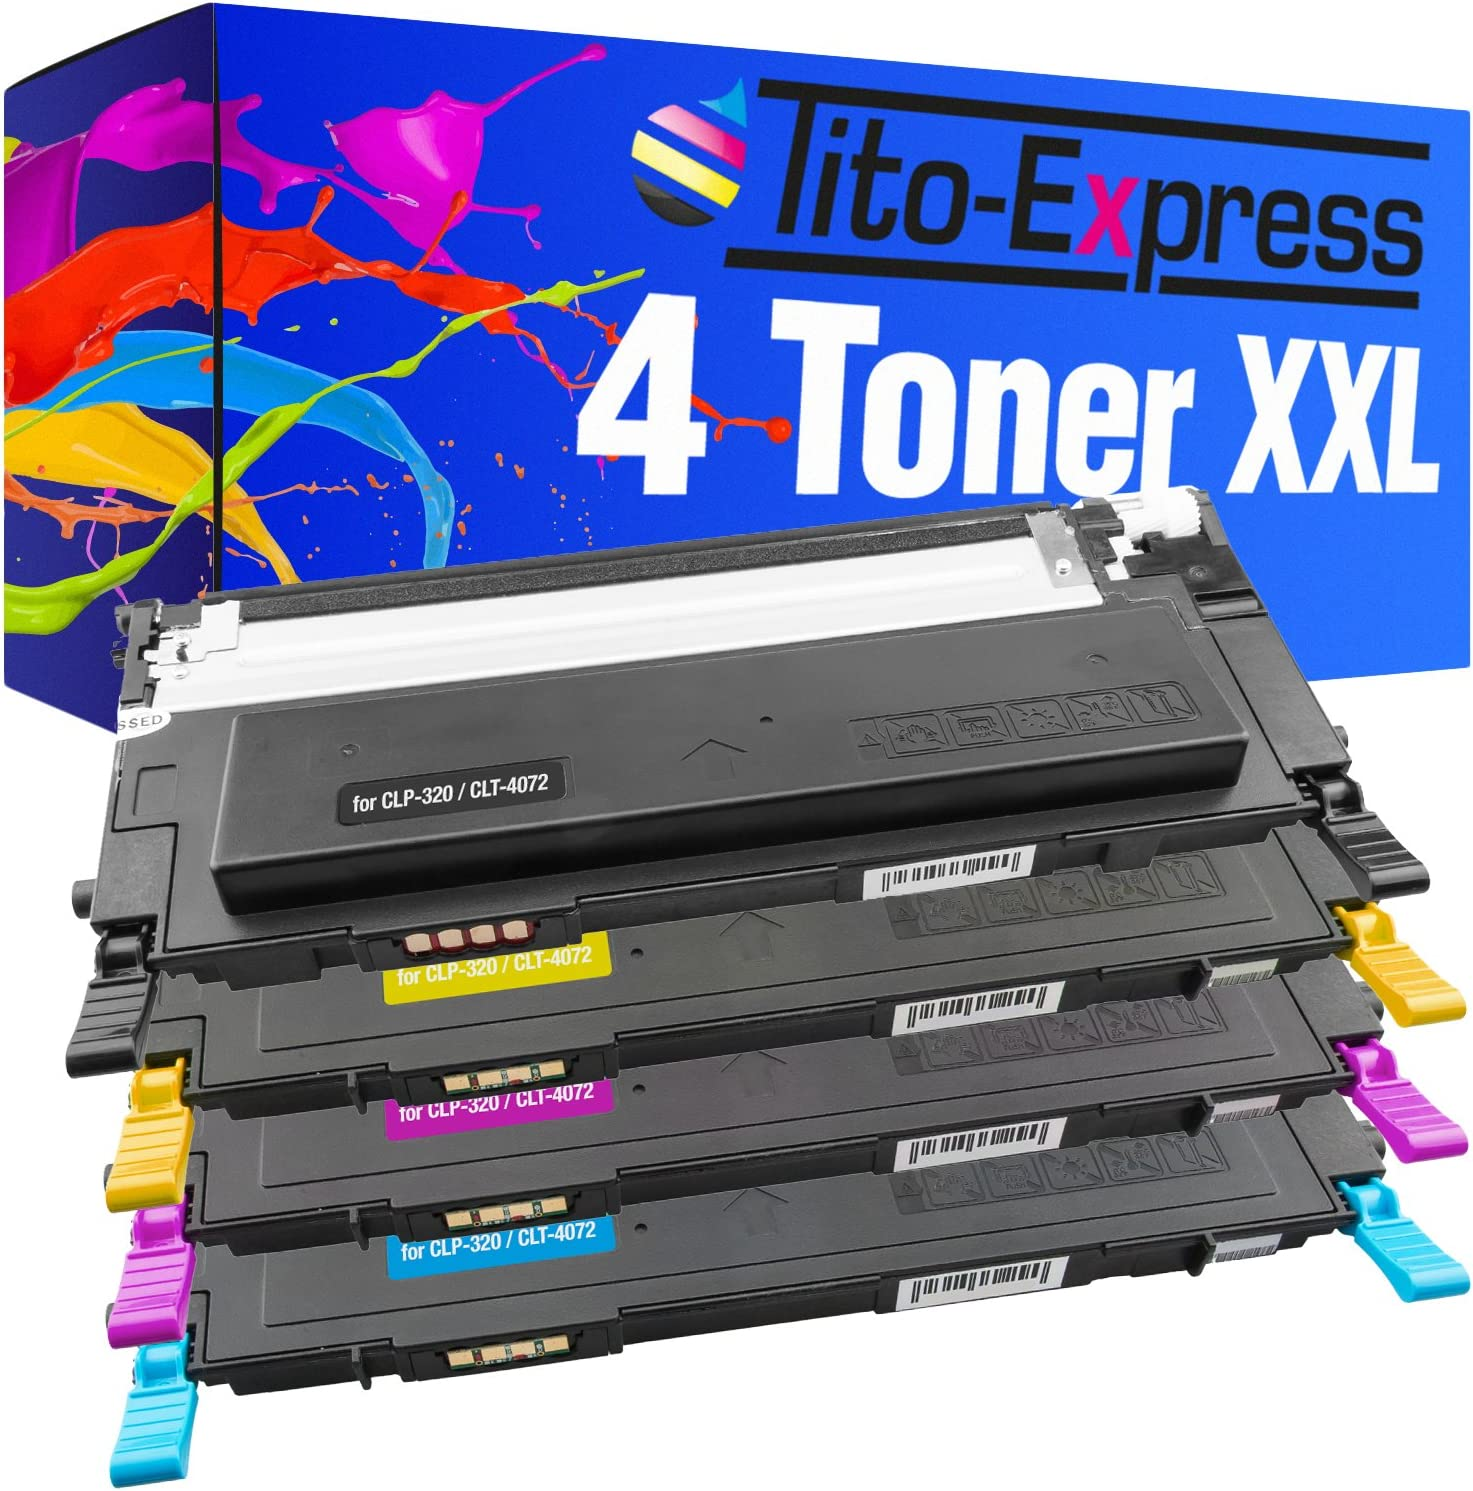 Tito Express Platinumserie 4 Toner Xxl Kompatibel Mit Samsung Clt 4072s Clp 320 Clp 320n Clp 325 Clp 325n Clp 325w Black 2 500 Bürobedarf Schreibwaren